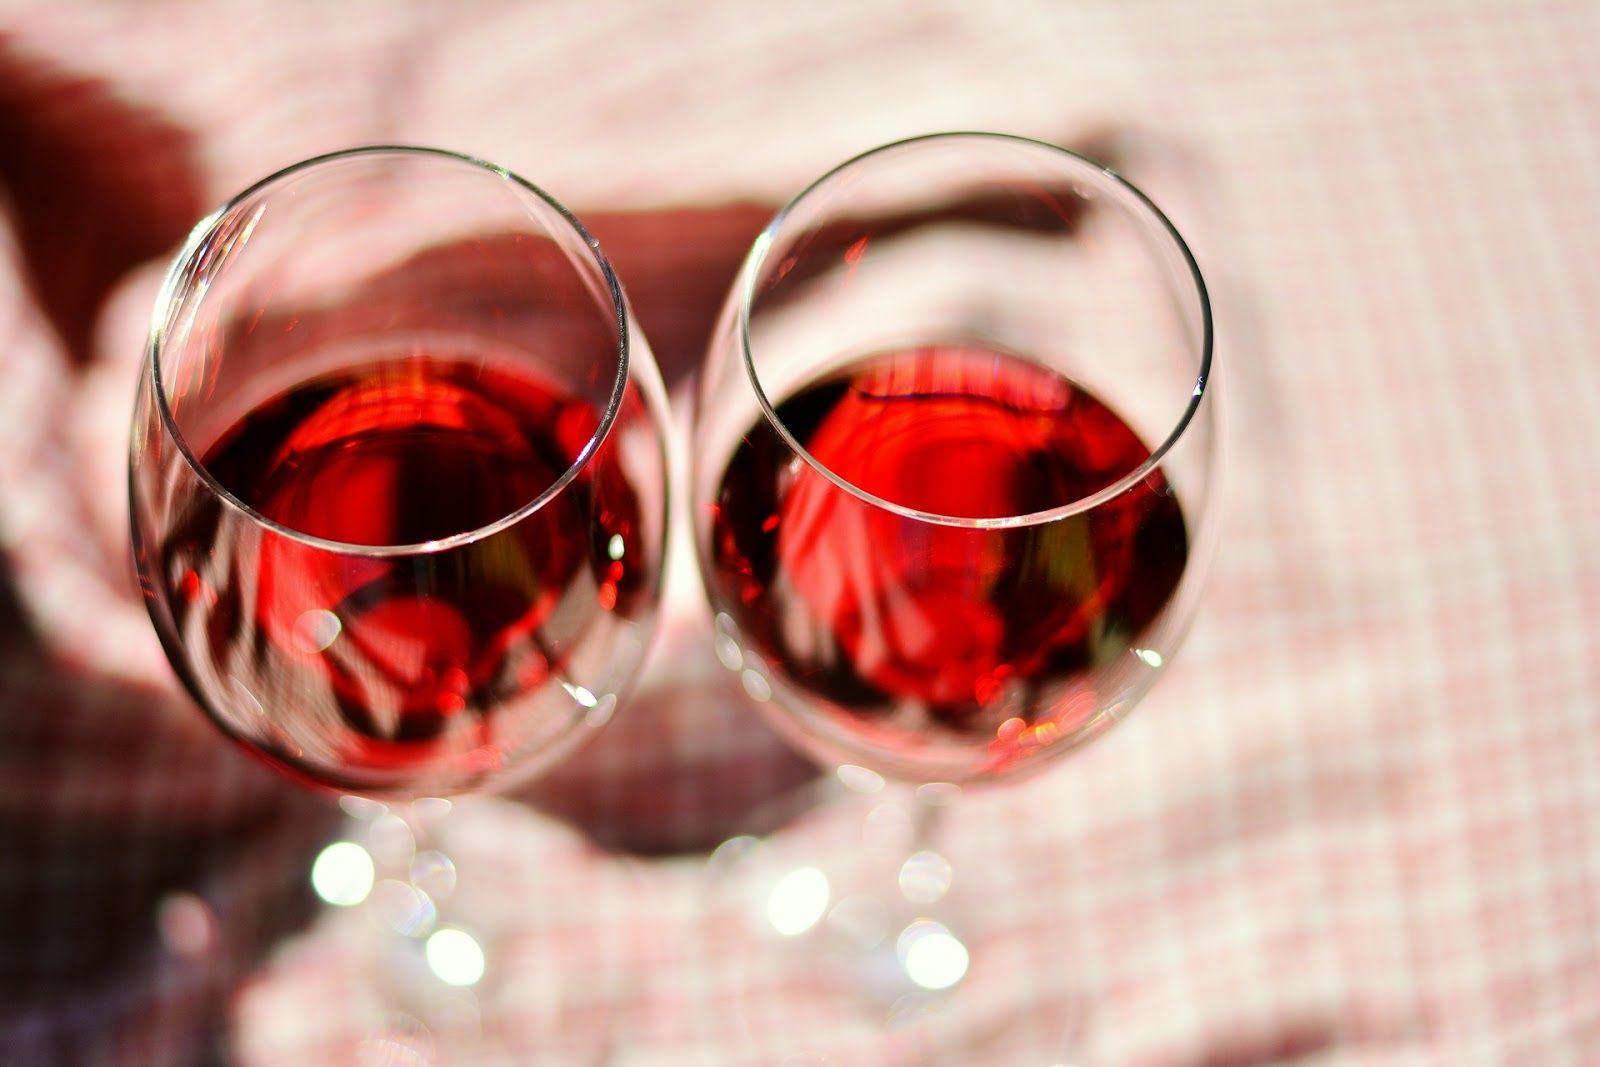 Miki Powiedzmy Sobie Troszke O Alkoholach Red Wine Benefits Red Wine Wine Drinks